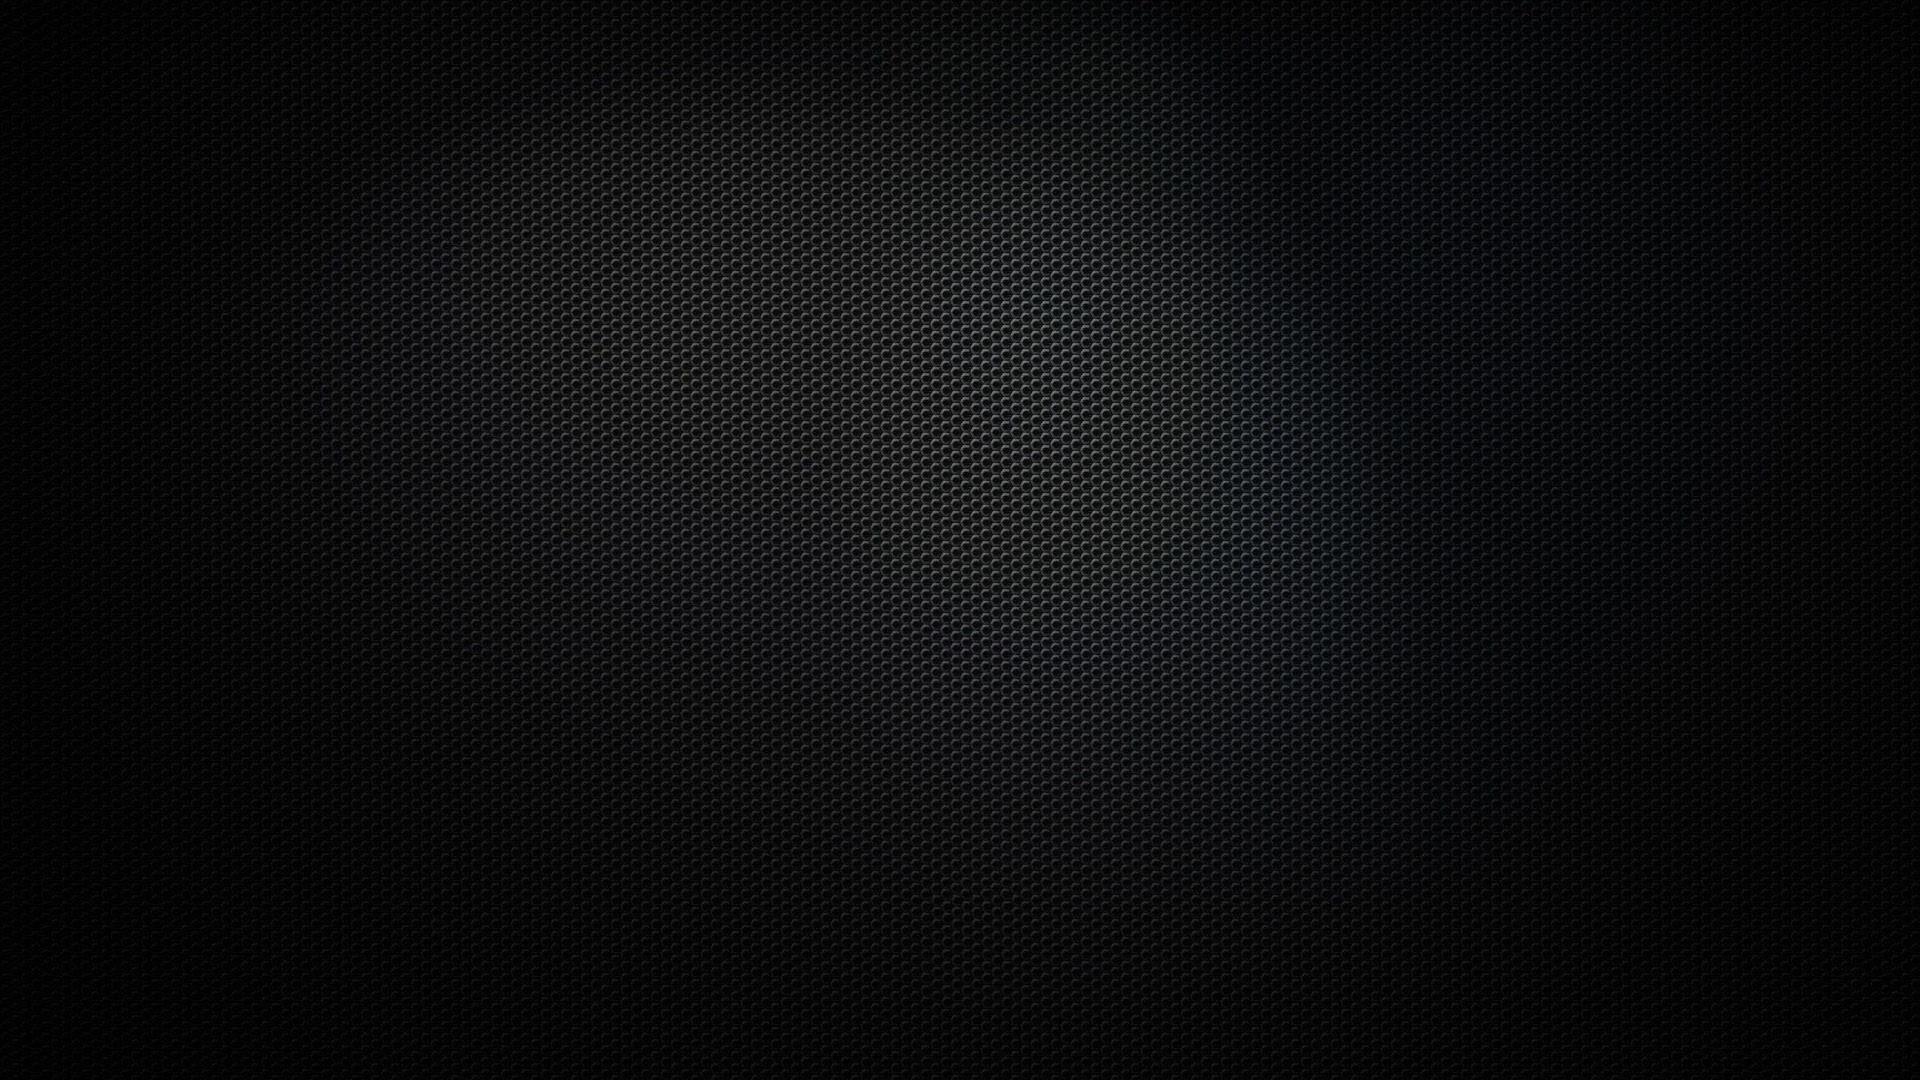 Hình nền màu đen